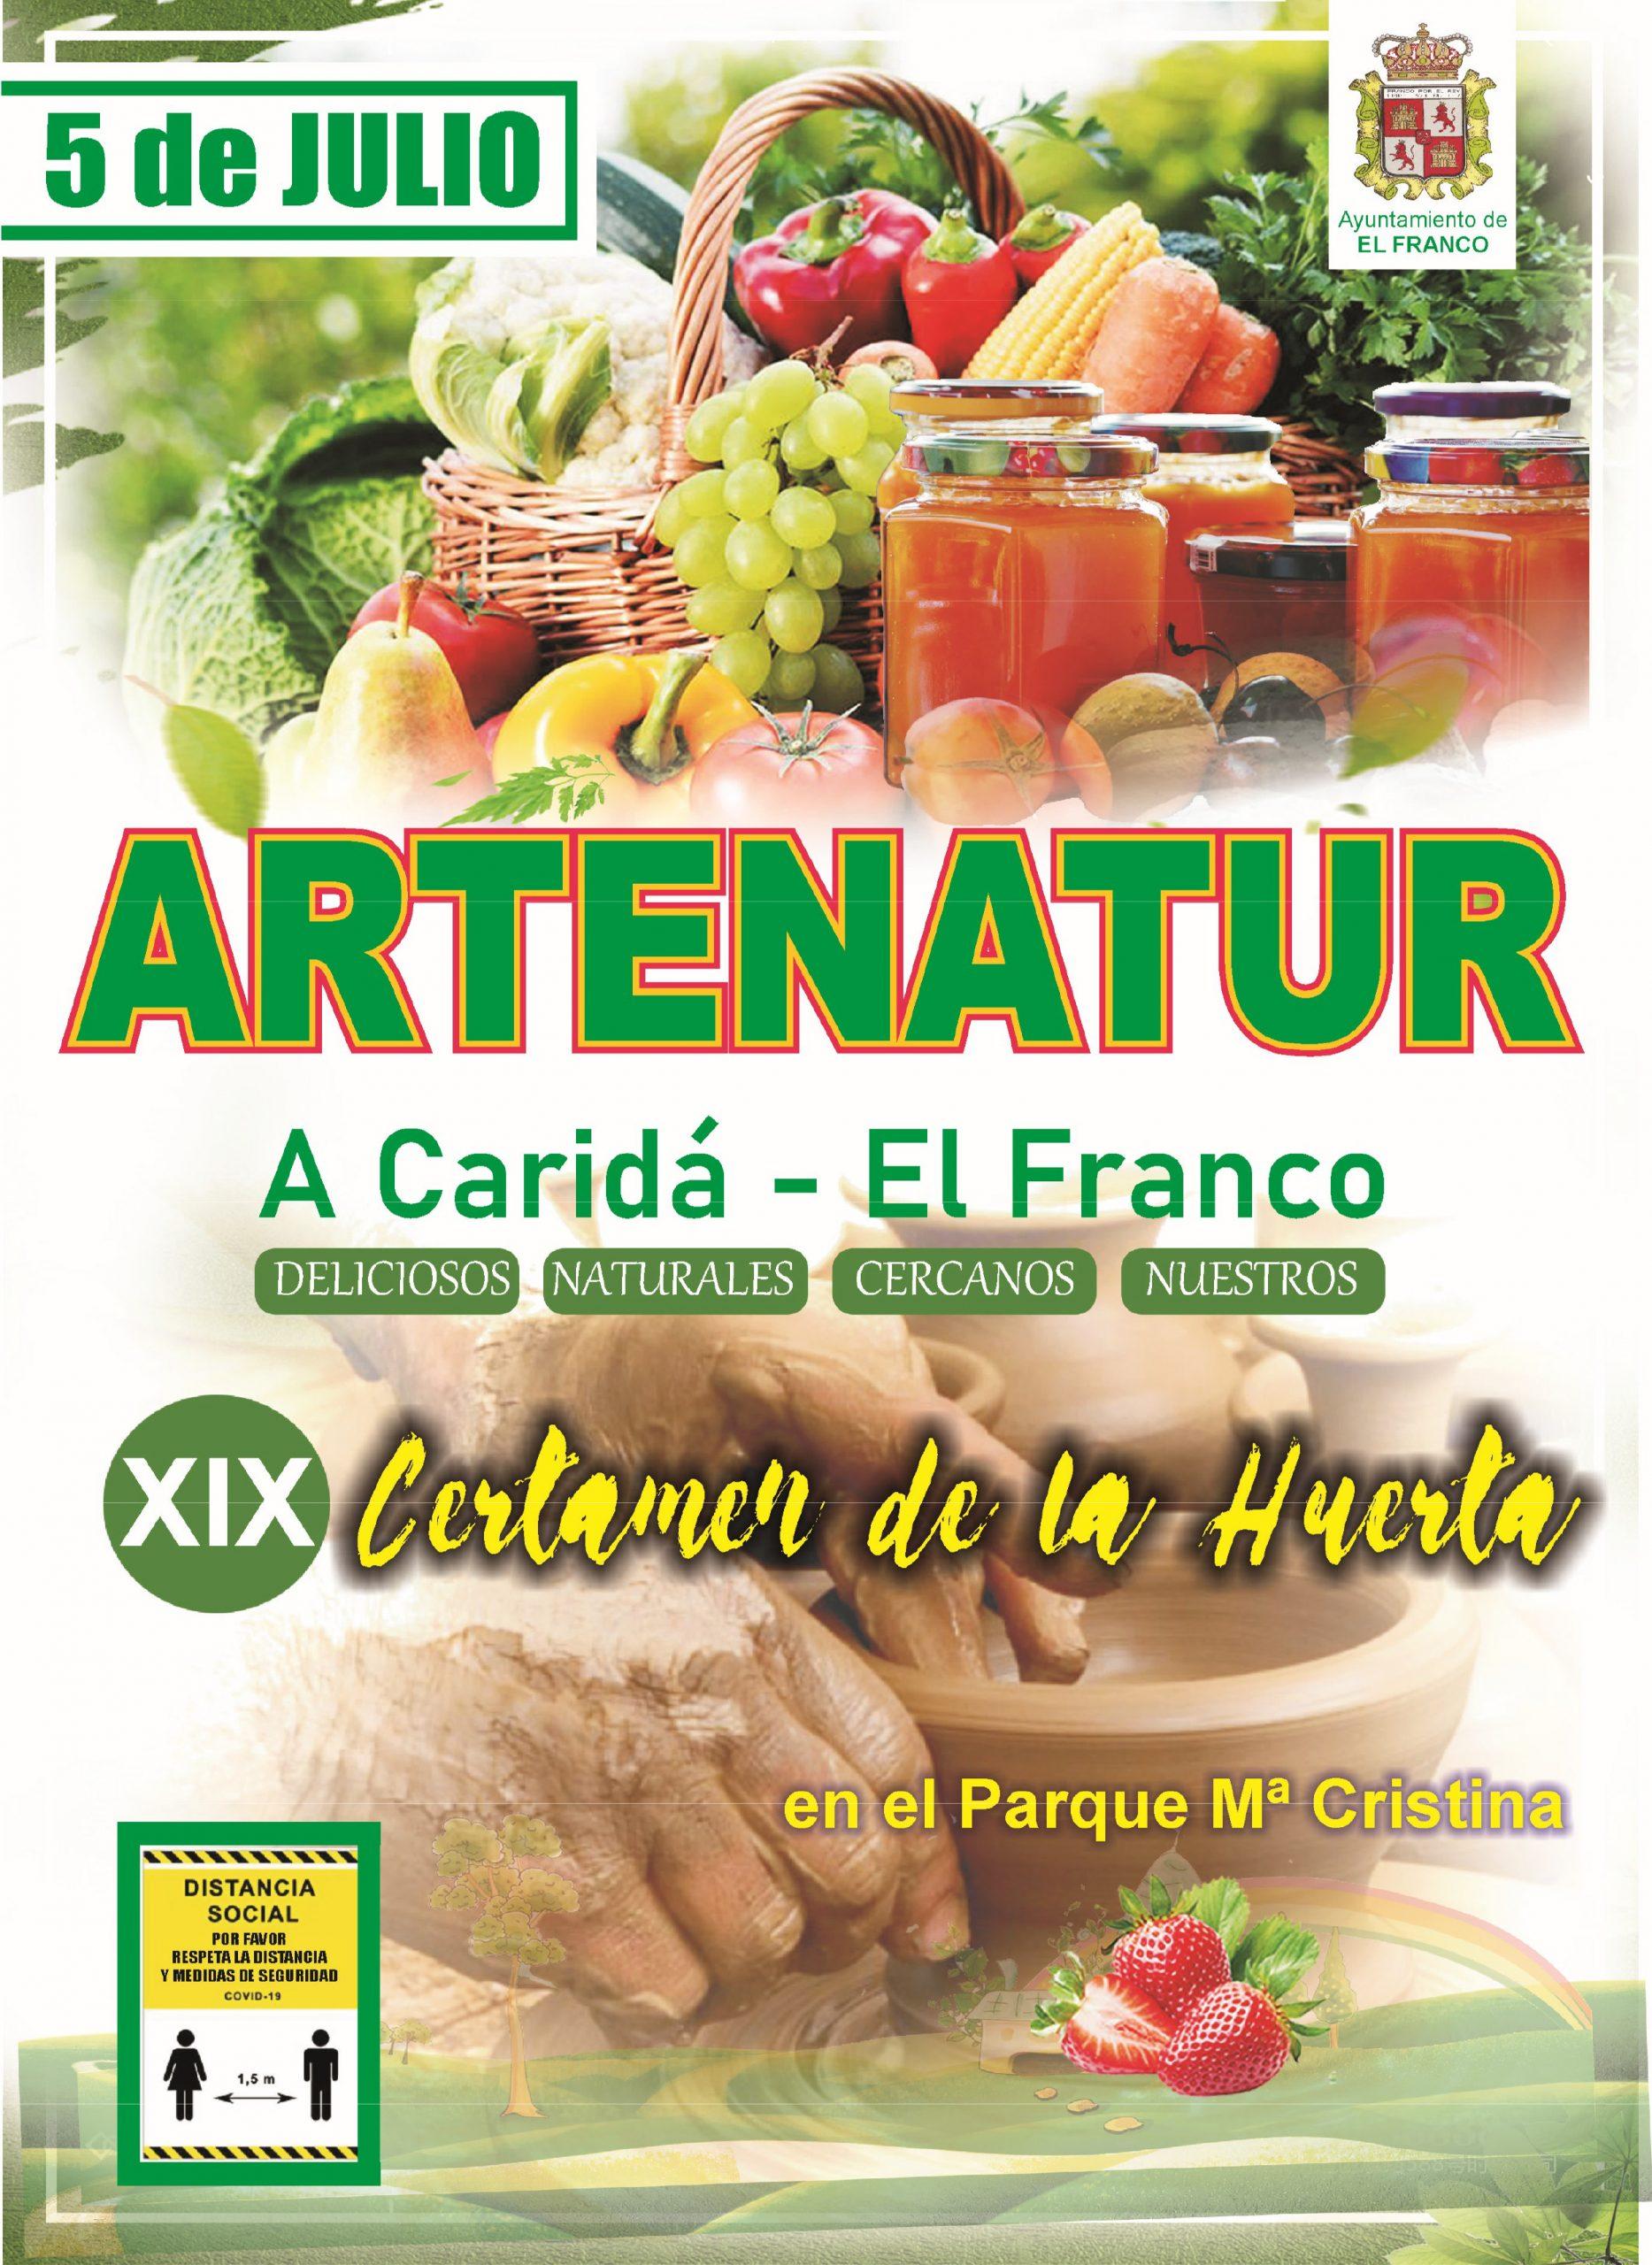 """XIX Certamen de la Huerta """"Artenatur"""" en A Caridá (El Franco), el domingo 5 de julio"""